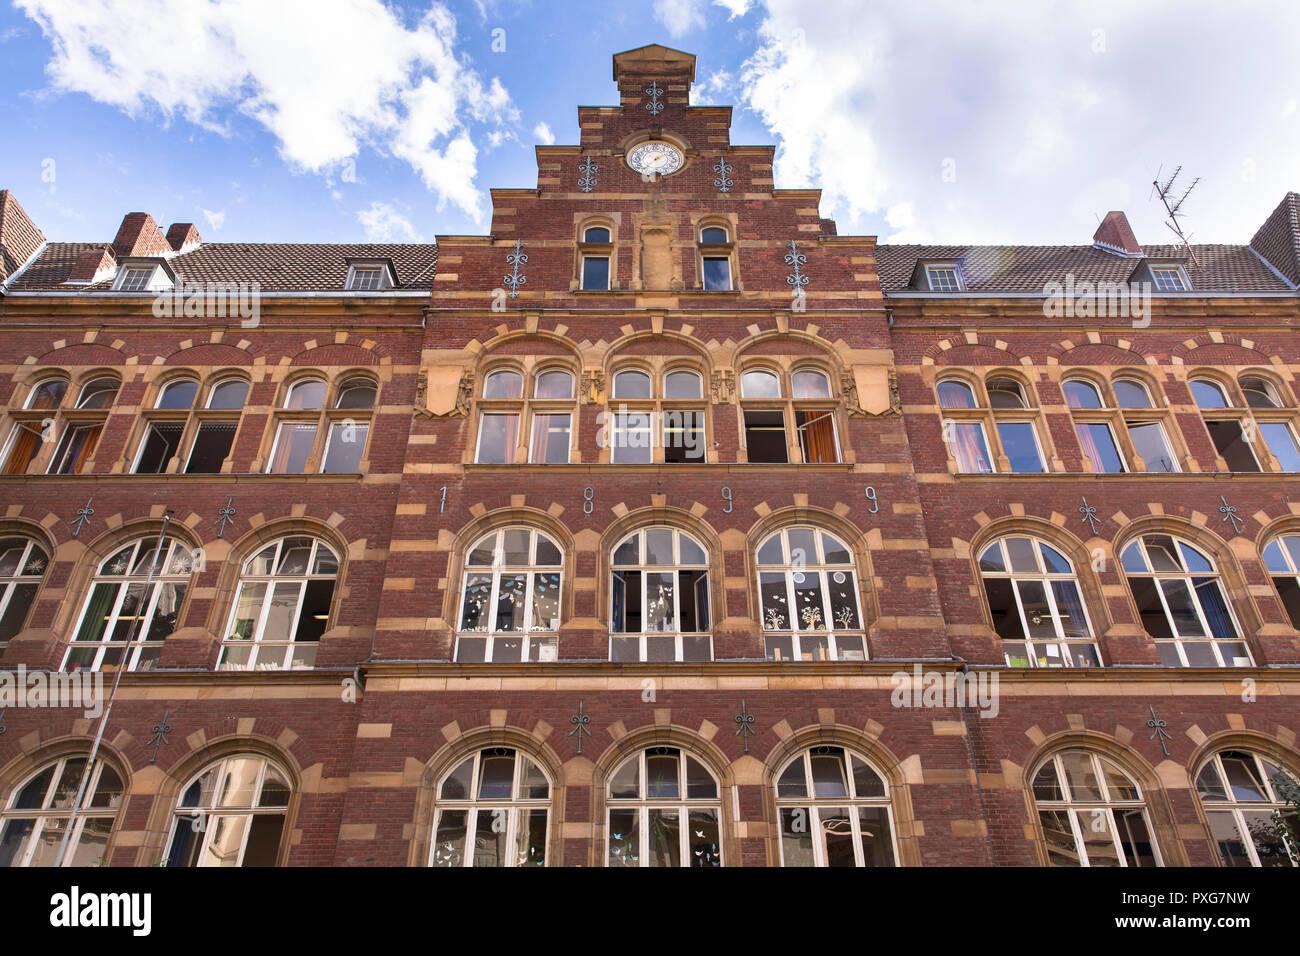 the Stepahn-Lochner School in Lochner Street near Rathenauplatz, Cologne, Germany.  die Stpahn-Lochner-Schule in der Lochnerstrasse nahe Rathenauplatz Stock Photo